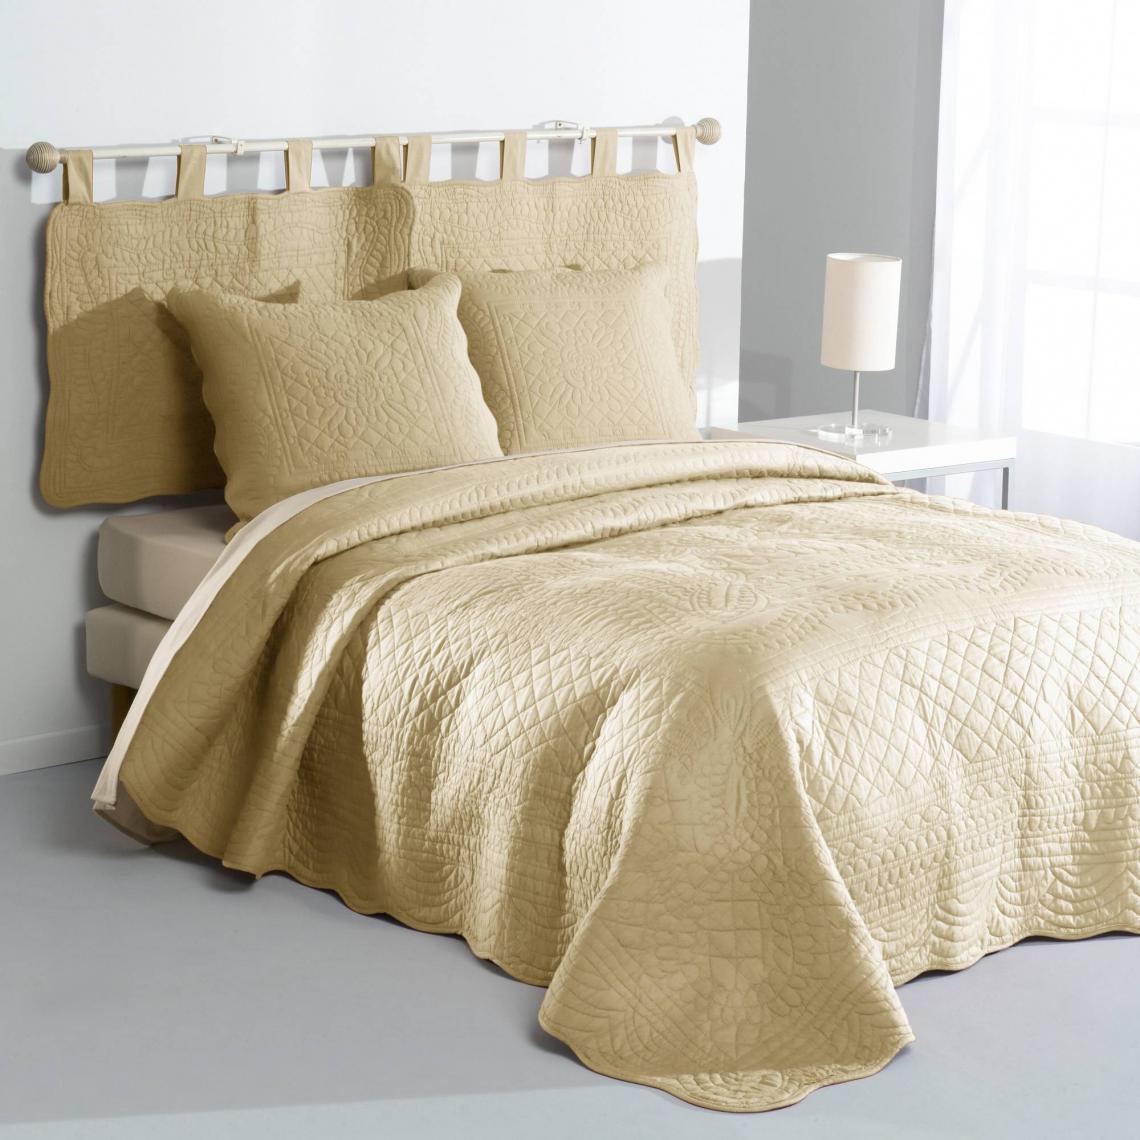 jet de lit uni boutis matelass coton tertio lin 3 suisses. Black Bedroom Furniture Sets. Home Design Ideas